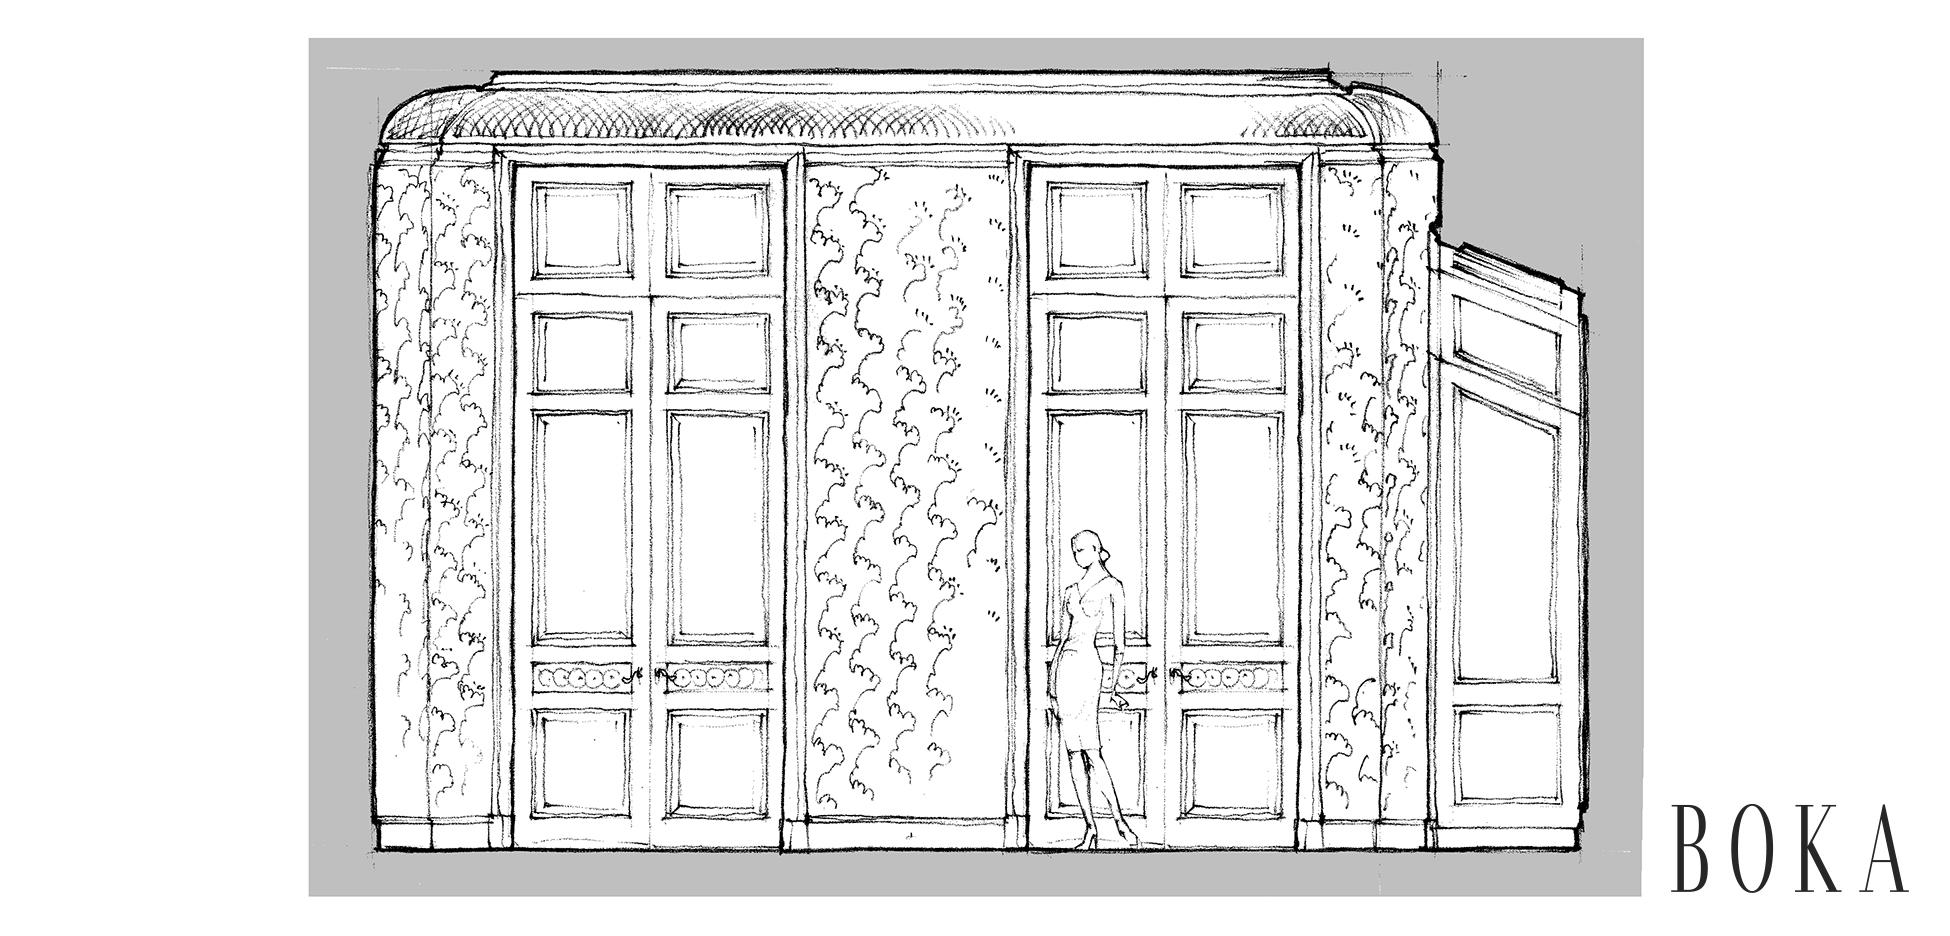 9 Upper Eastside Townhouse Living Room